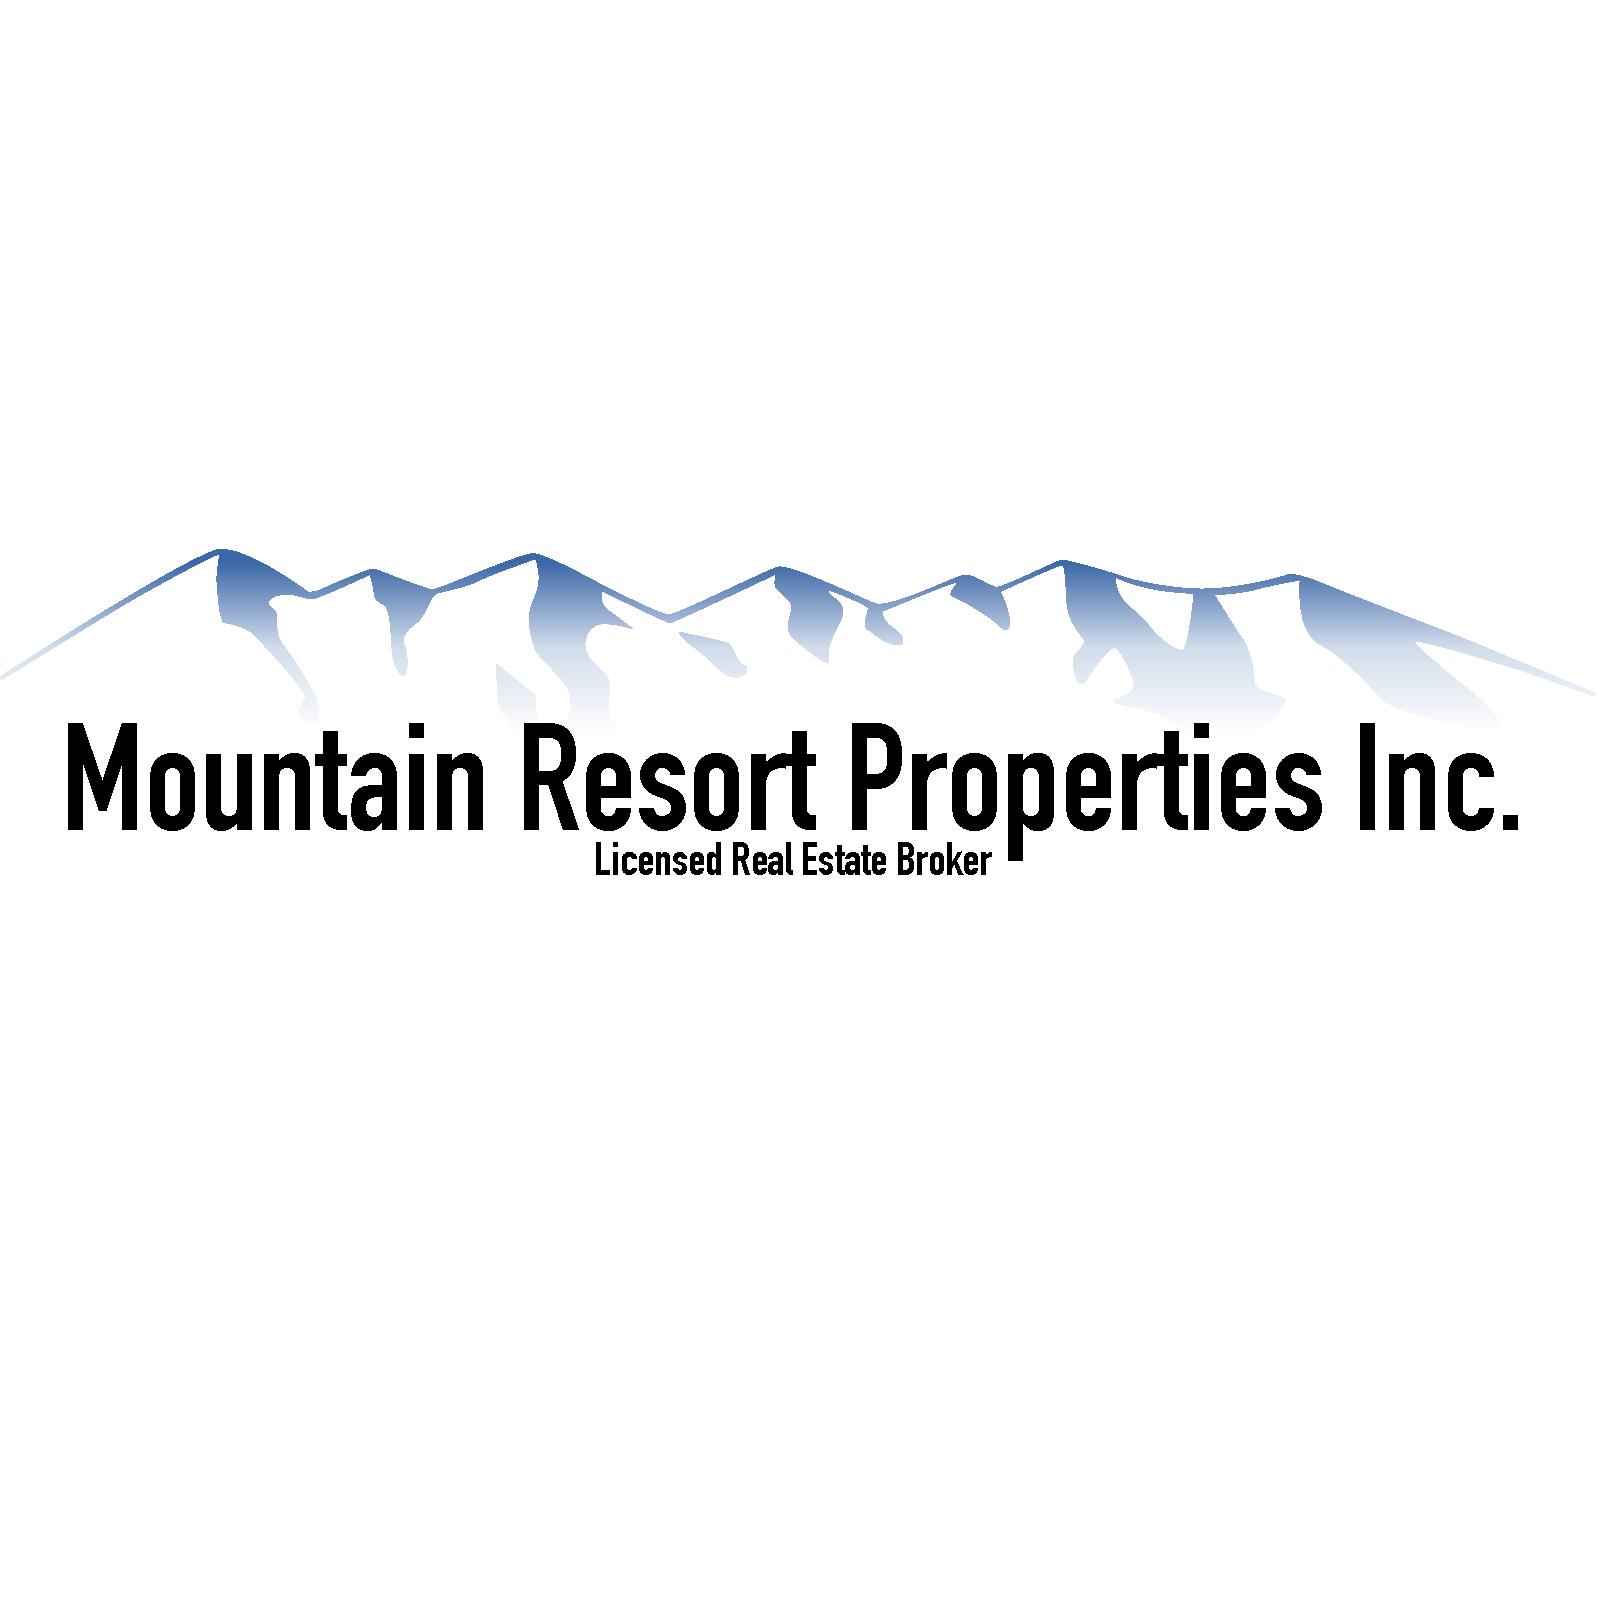 Mountain Resort Properties